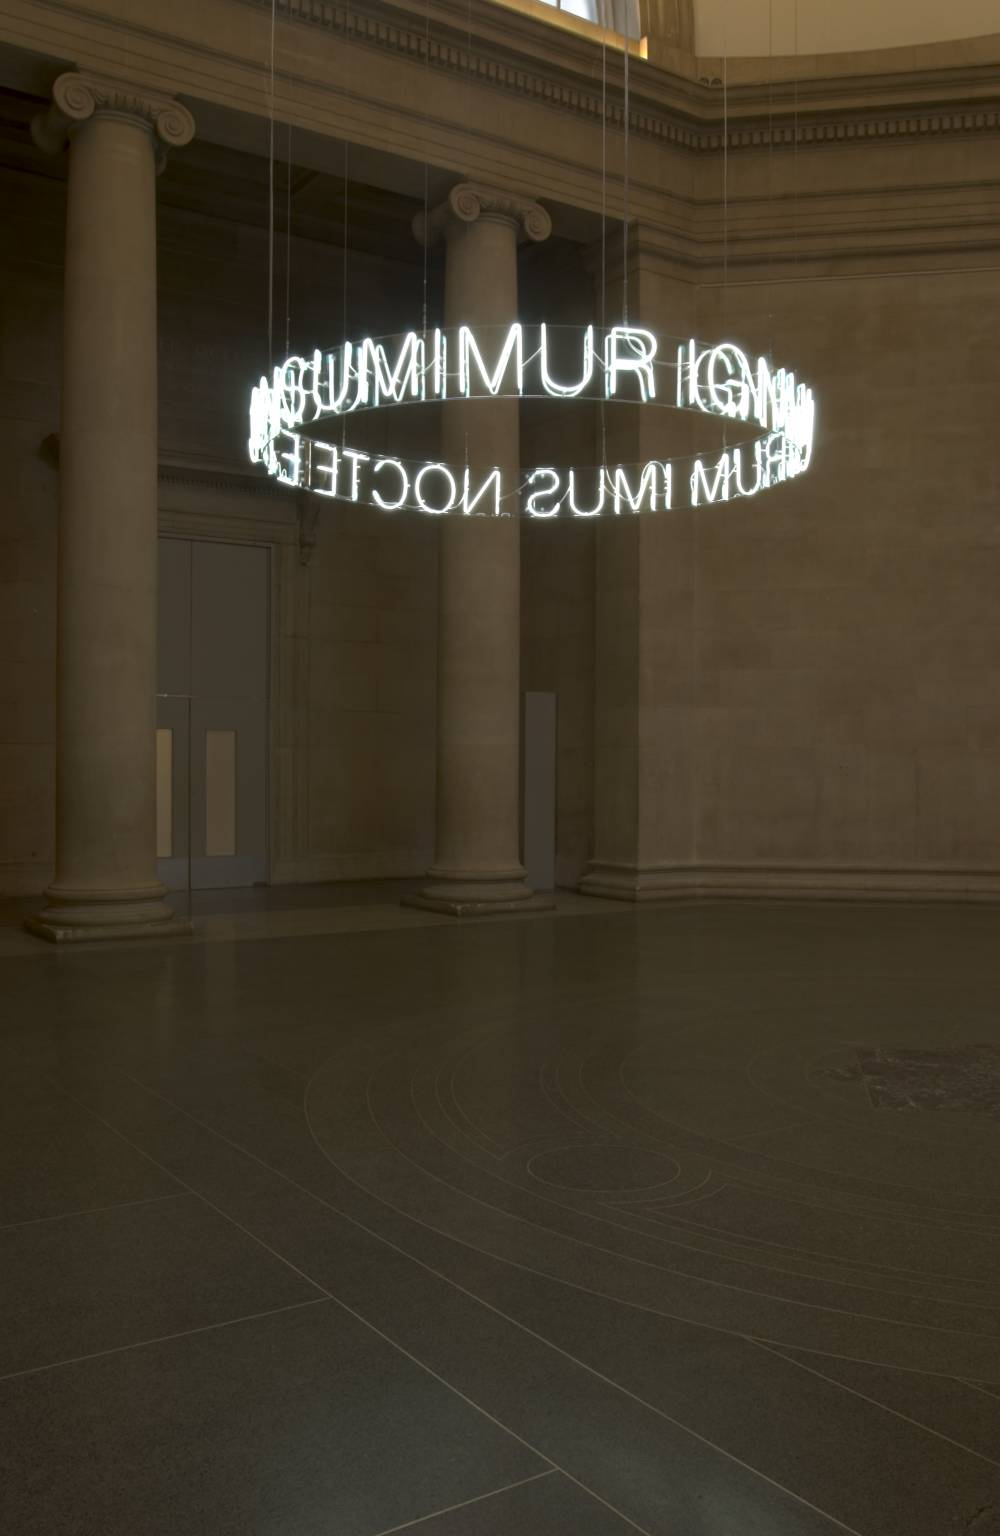 In Girum Imus Nocte et Consumimur Igni 2006 by Cerith Wyn Evans born 1958